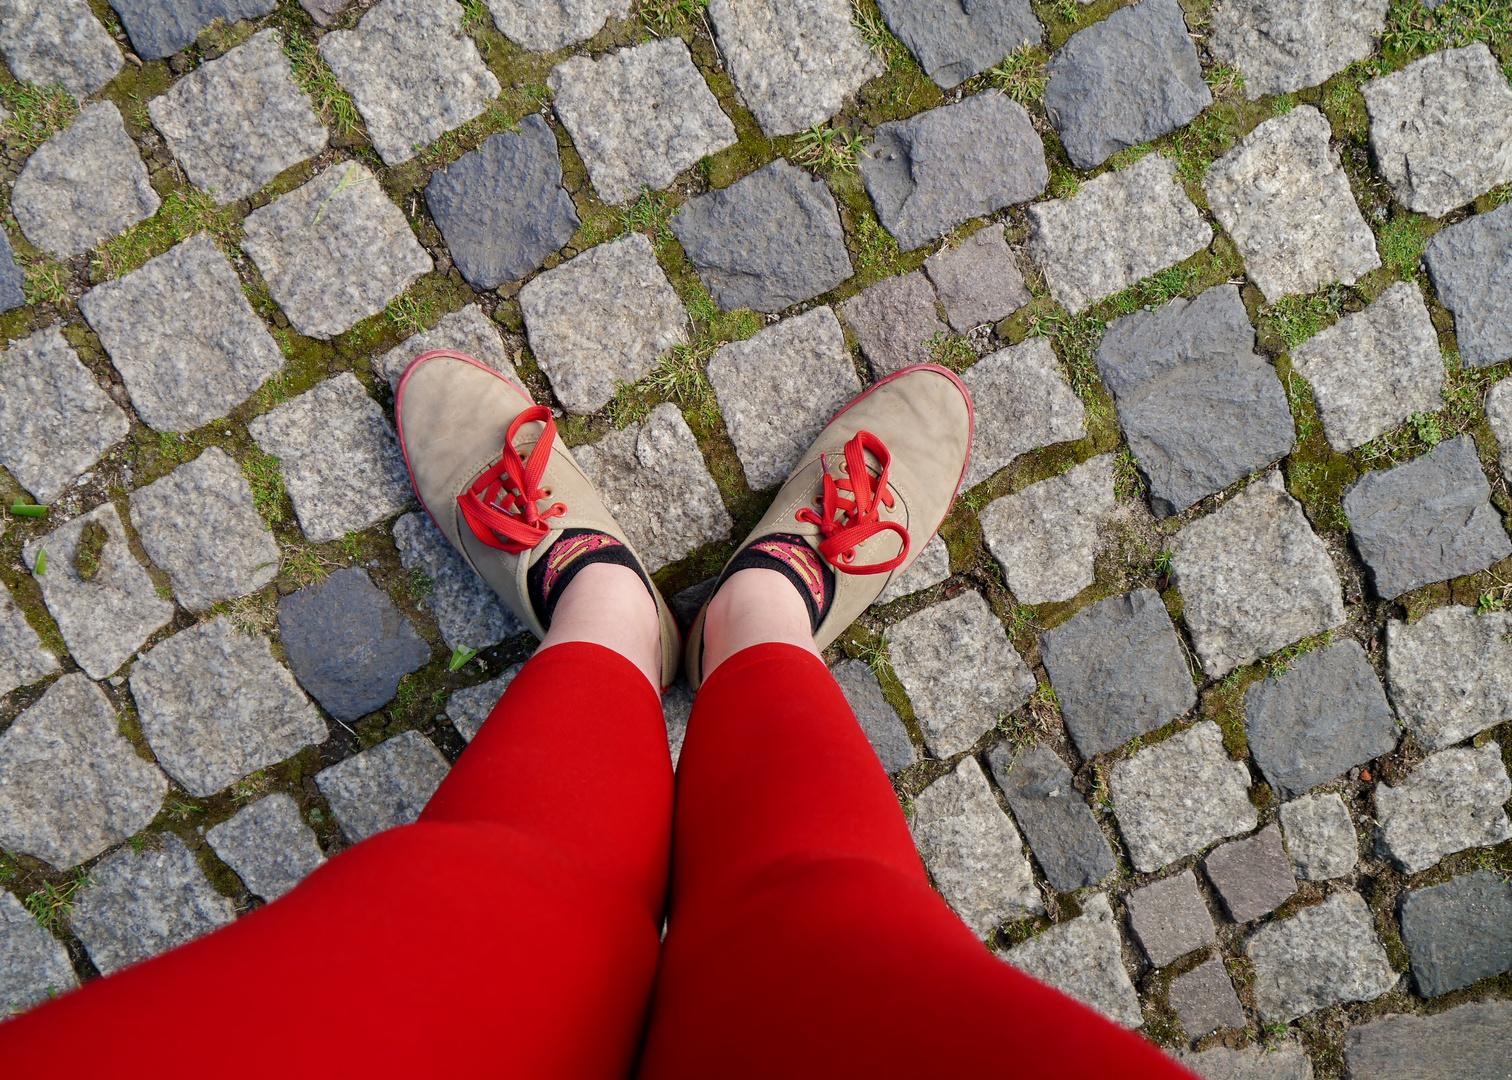 Beine eines Teenagers mit roter Strumpfhose